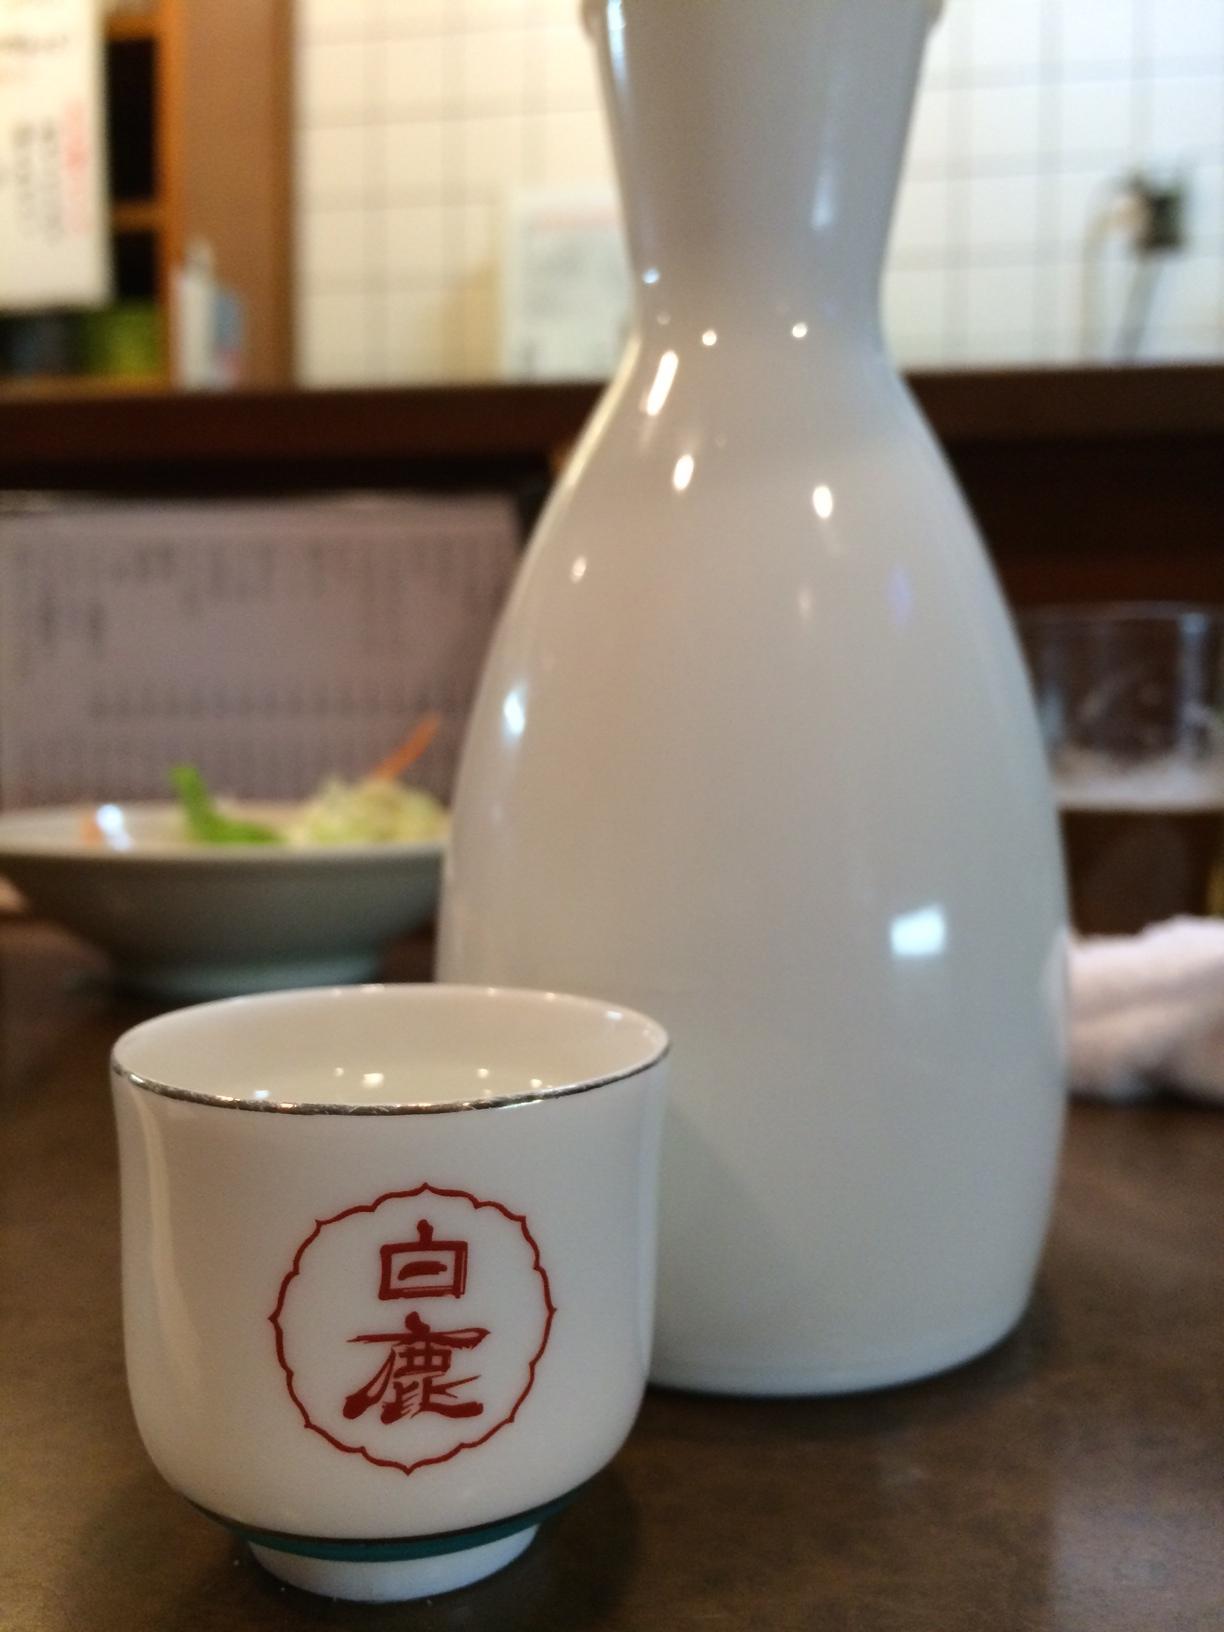 近所の庶民的な焼鳥屋さんの「つくね」がめっちゃ美味かった!|吹田市